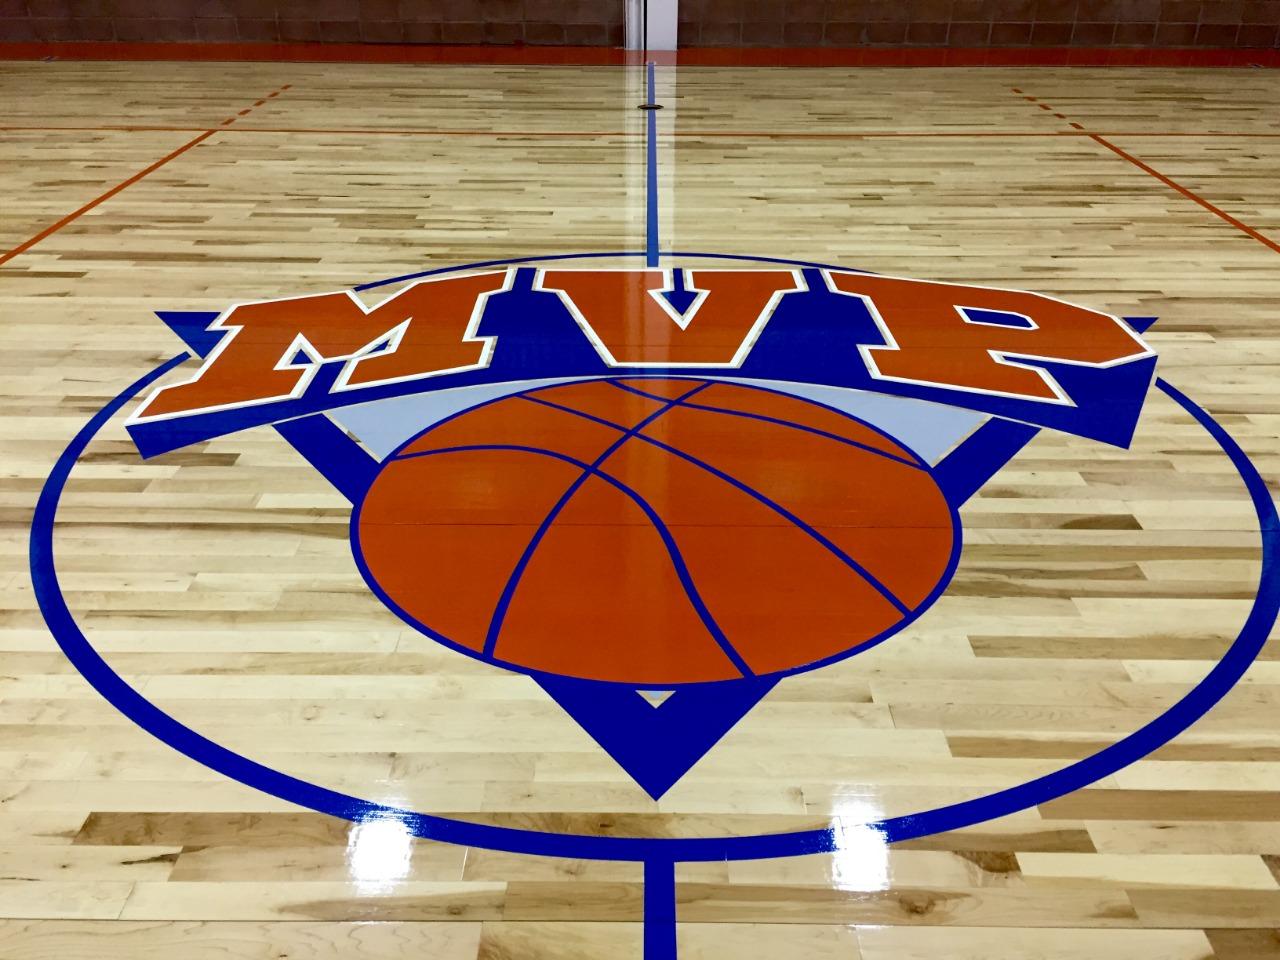 Instalación duela para gimnasio de basquetbol